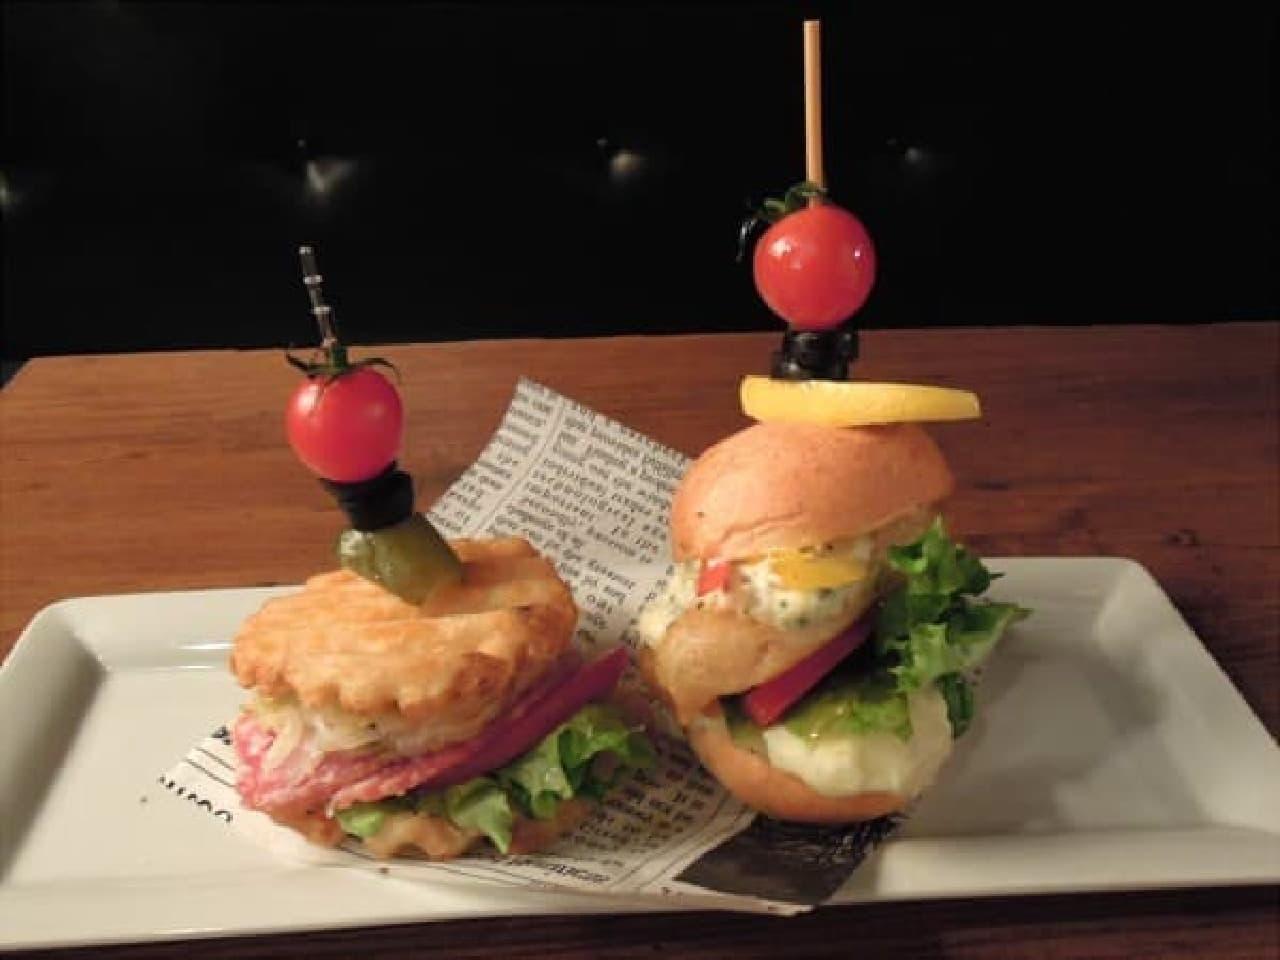 かわいいミニサイズのハンバーガー「ポテトスライダー」